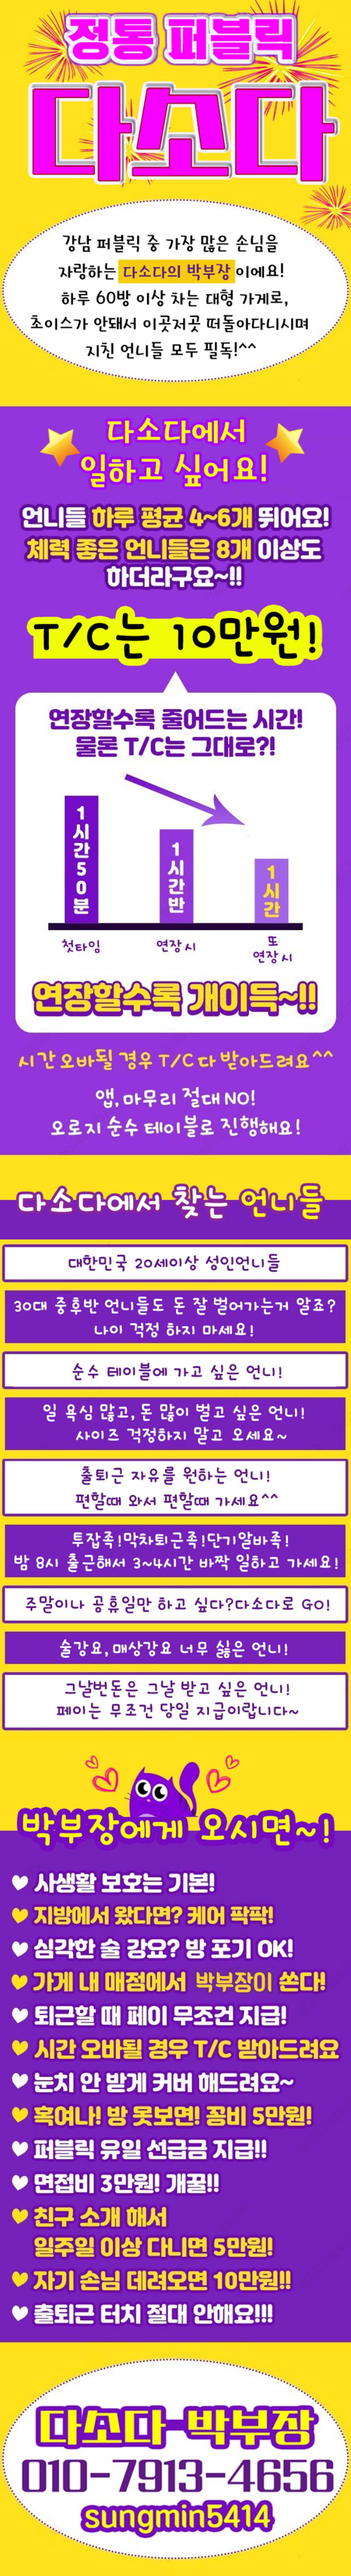 밤알바,유흥알바,룸알바 - 소라알바 - soraalba.net